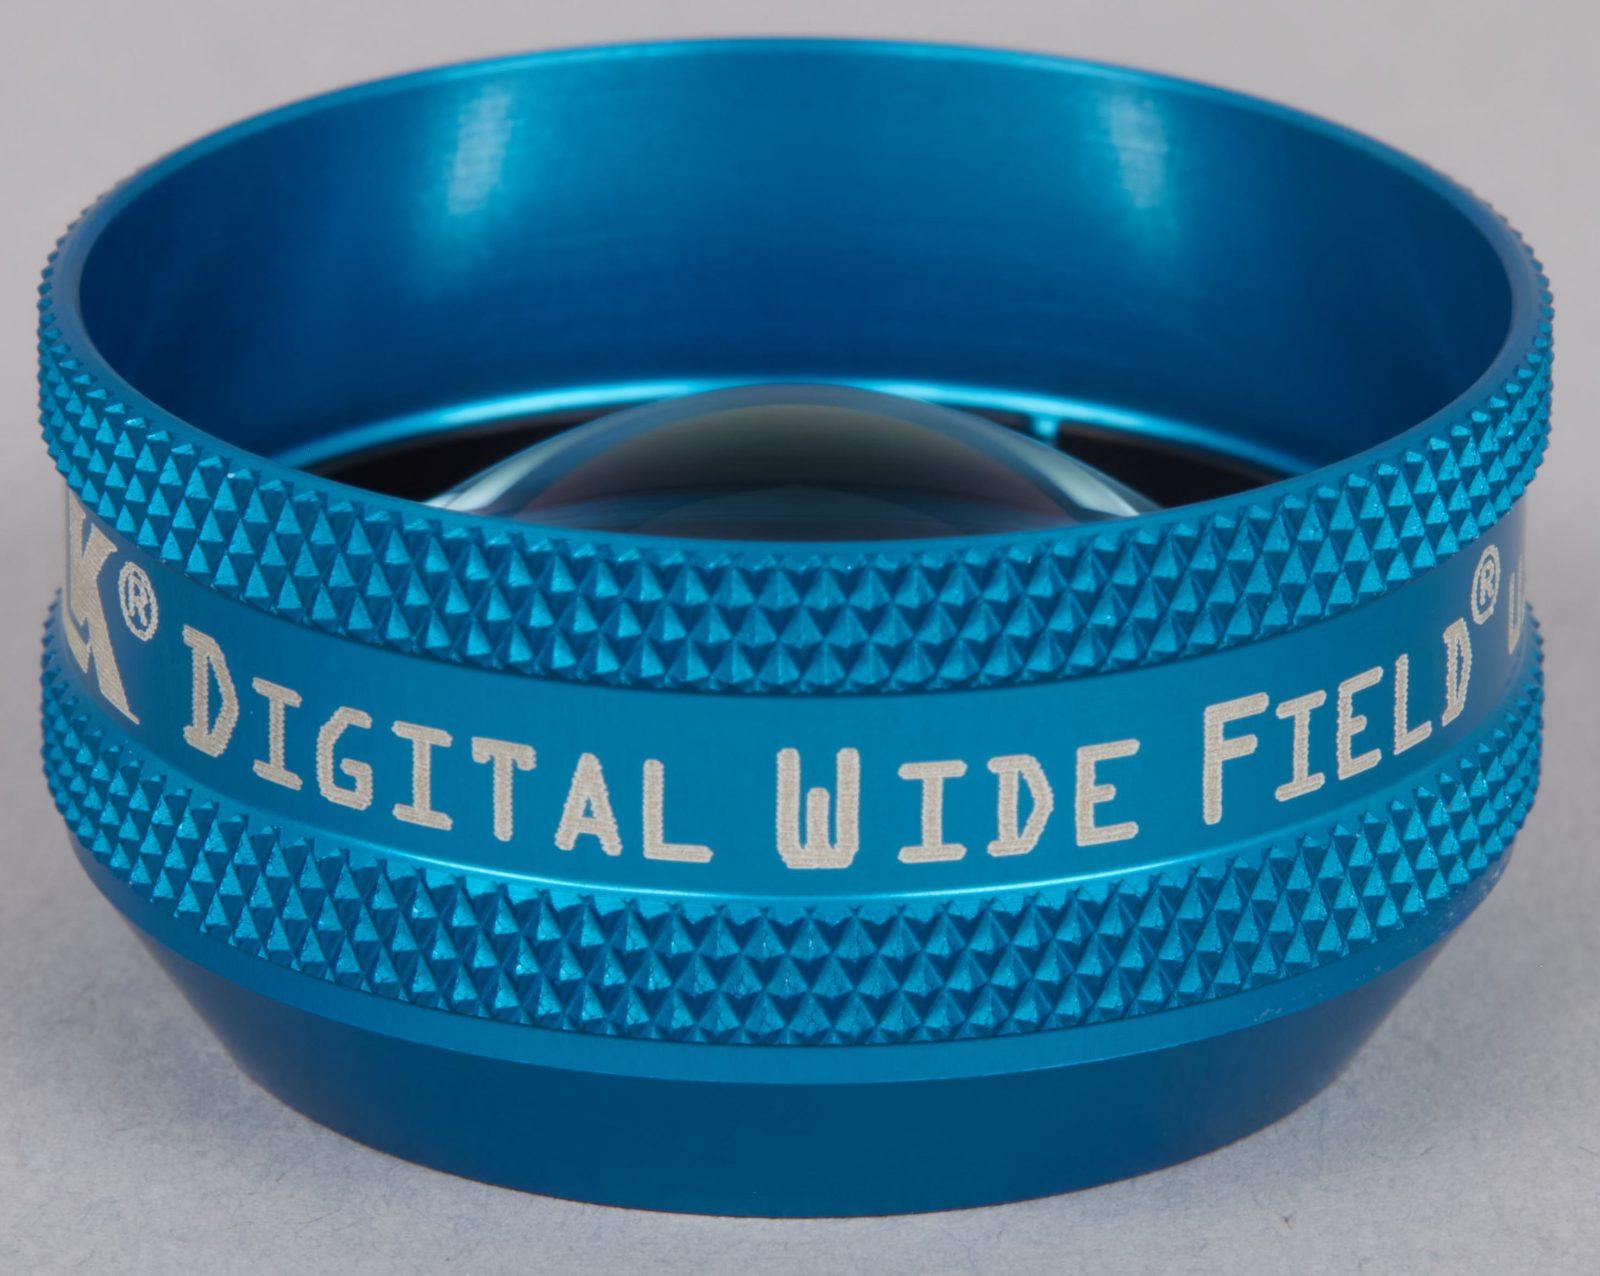 Digital Wide Field®